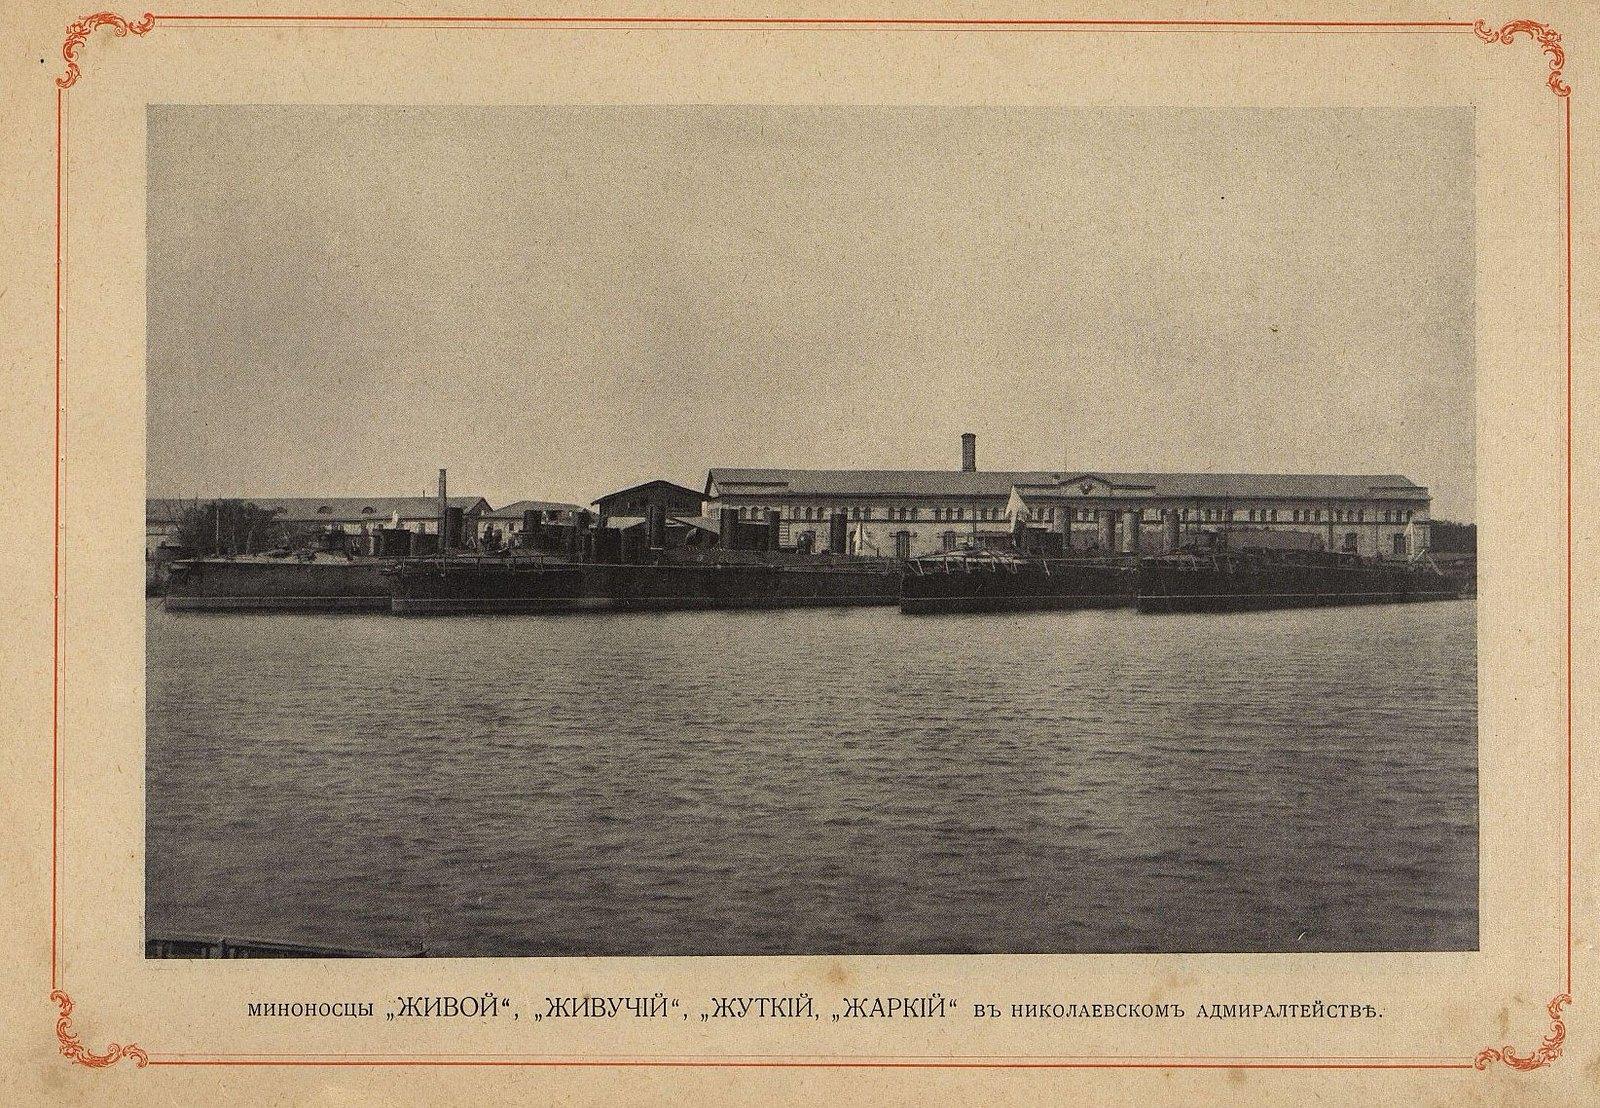 Миноносцы «Живой», «Живучий», «Жуткий», «Жаркий» в николаевском адмиралтействе